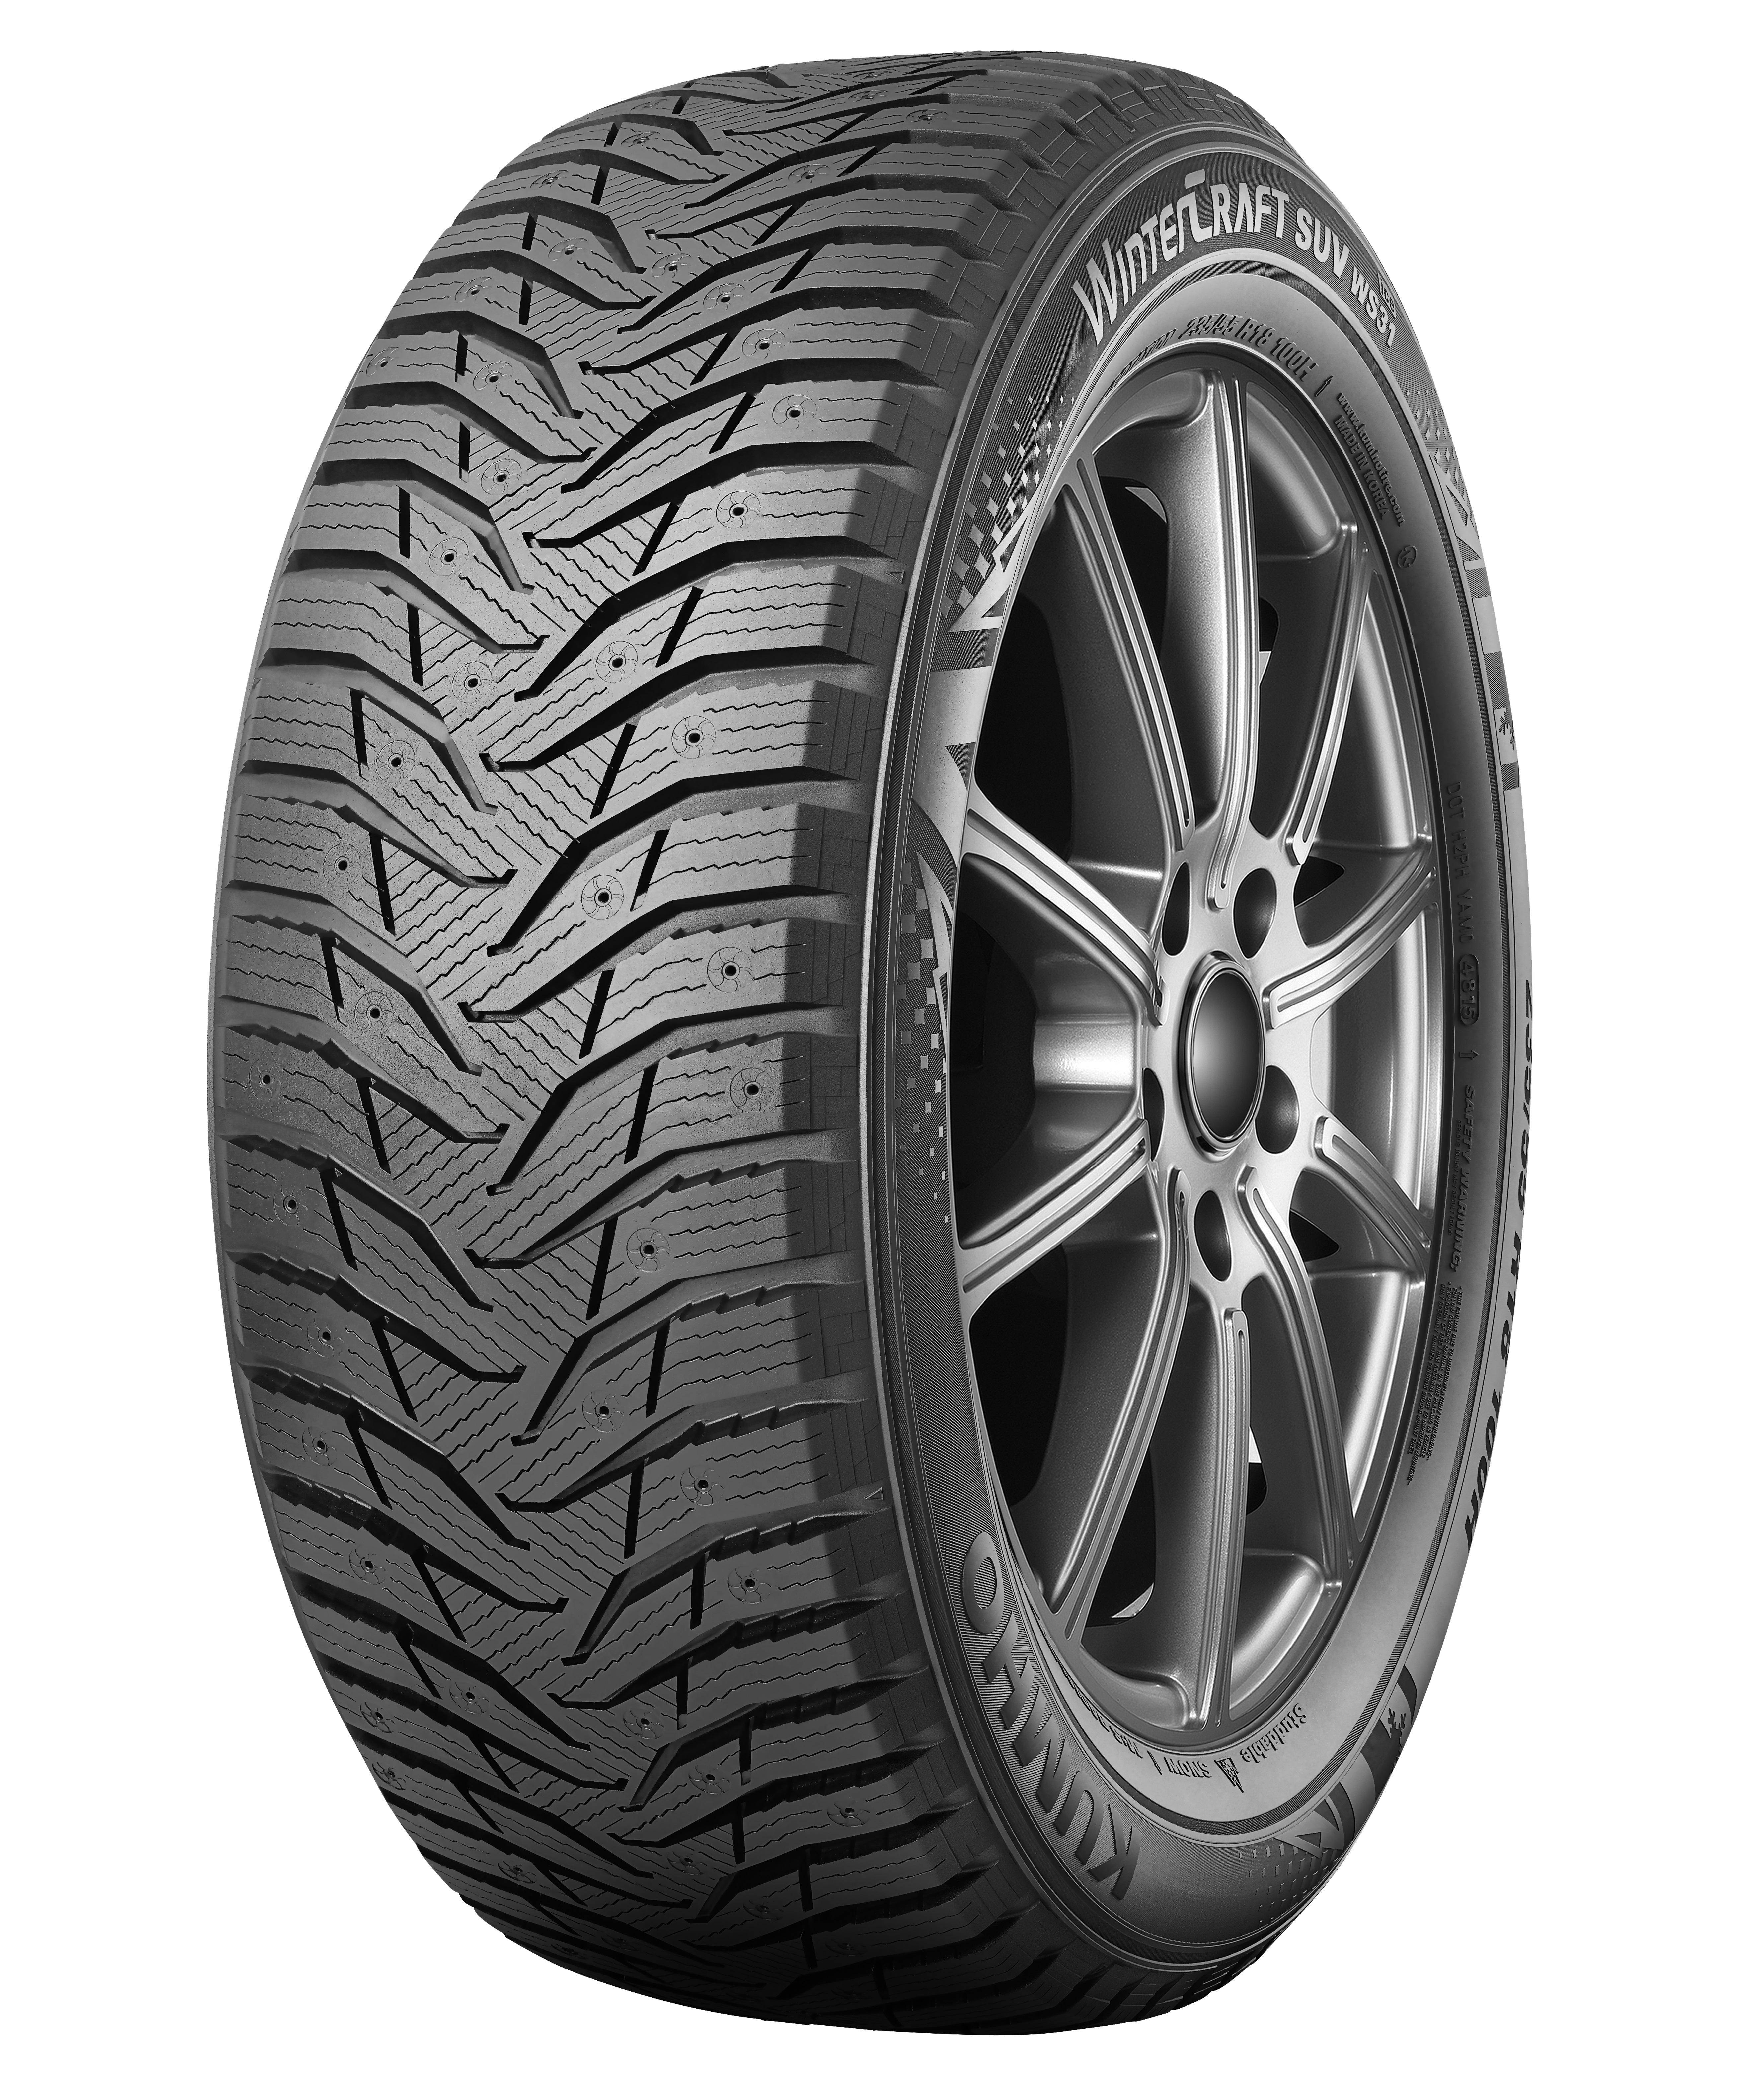 Зимние шины р17 225/65 купить купить автошины 205 75 r16c